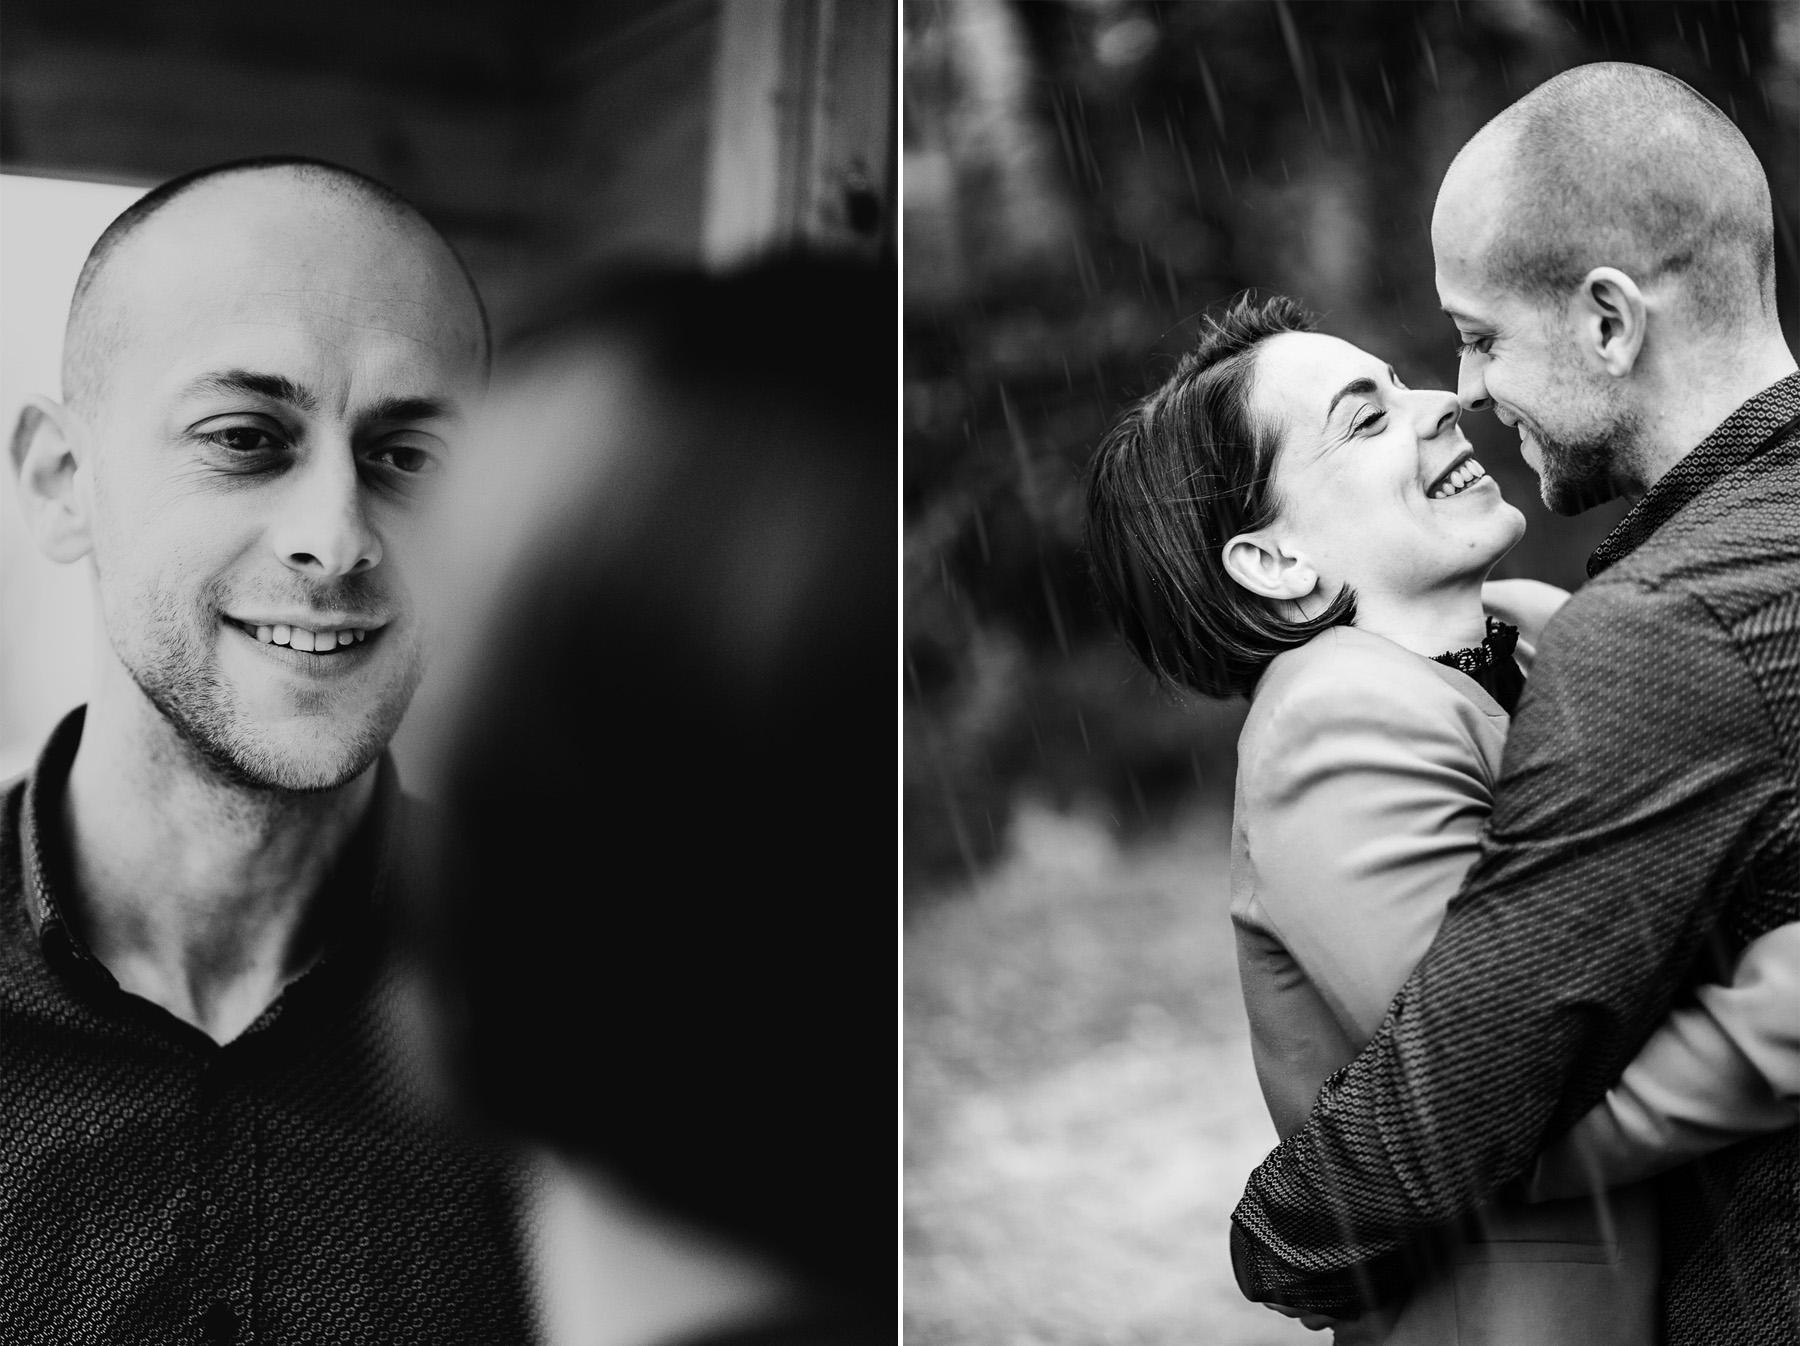 Shooting couple noir blanc photographe pluie 101